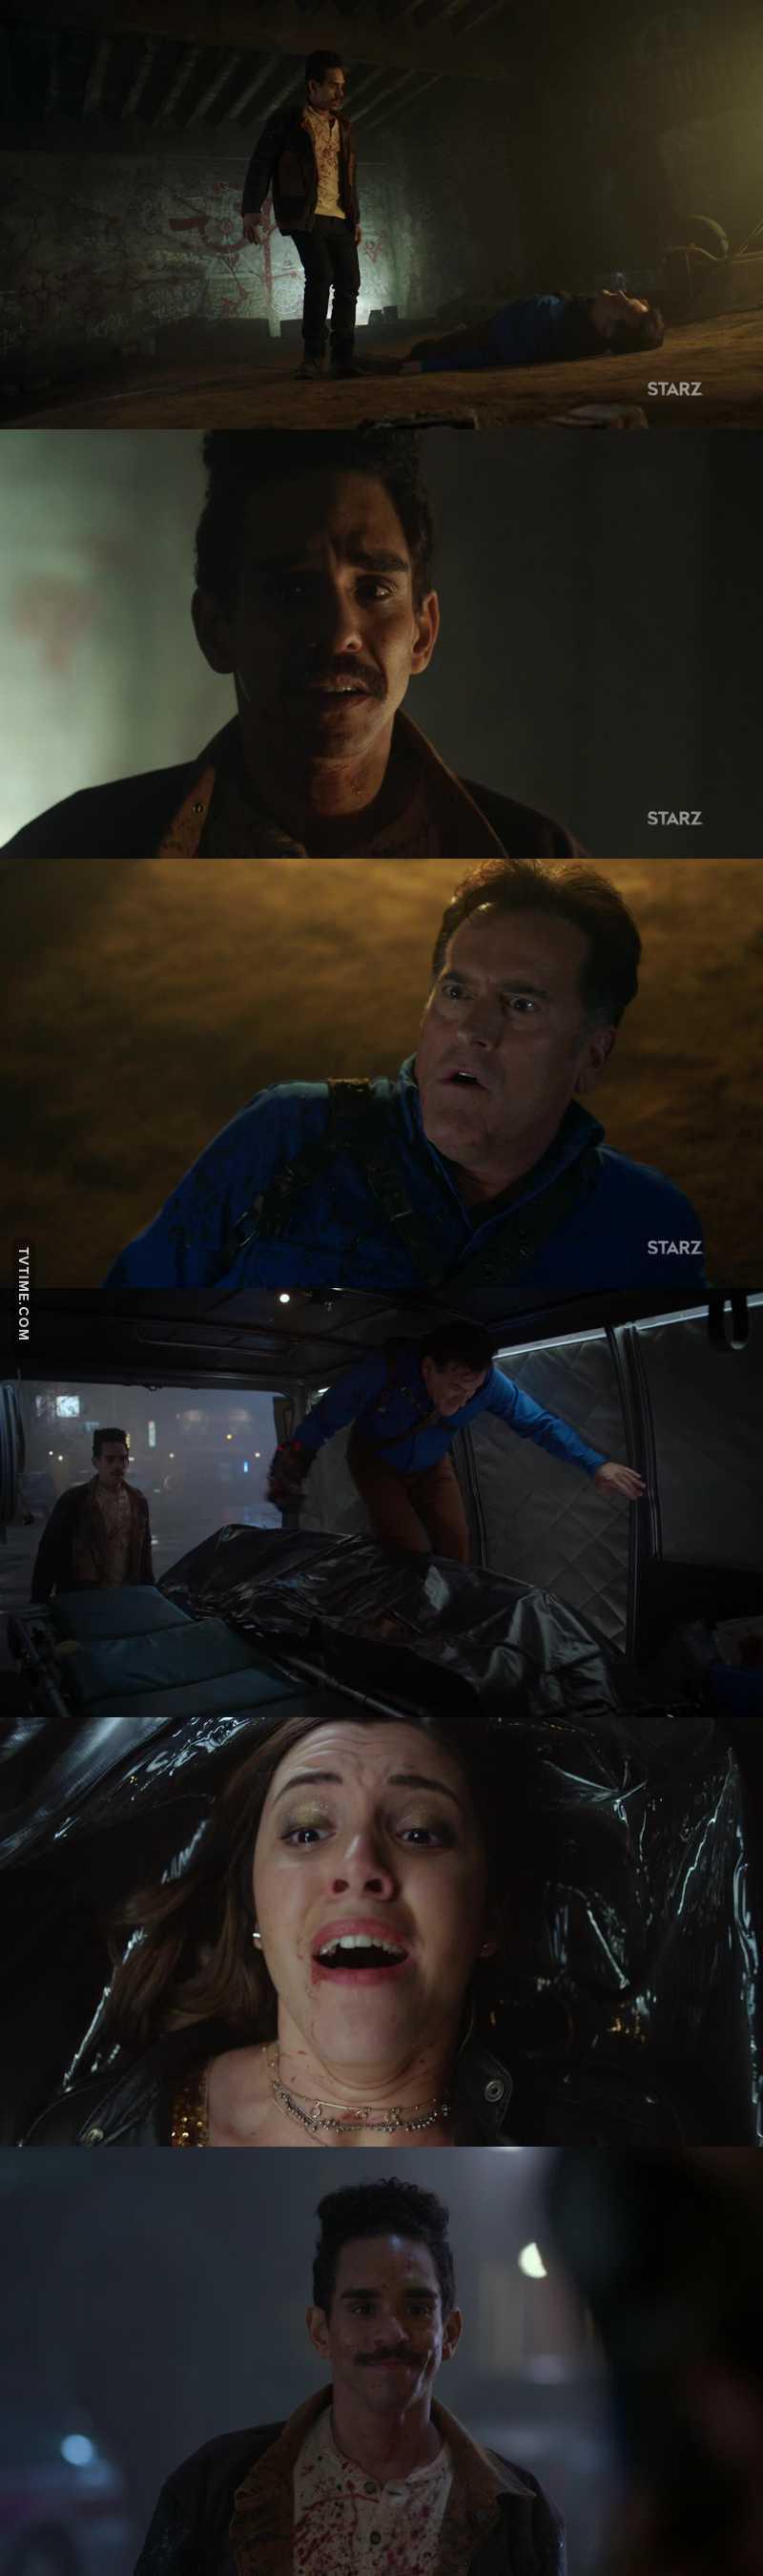 Quanta ressuscitação 😂 Tô muito feliz que o Pablito tá mais confiante e poderoso! E quem diria que o Ash faria de tudo pra salvar a filha! Quem te viu na primeira temporada e quem te vê, Ash Slashy!